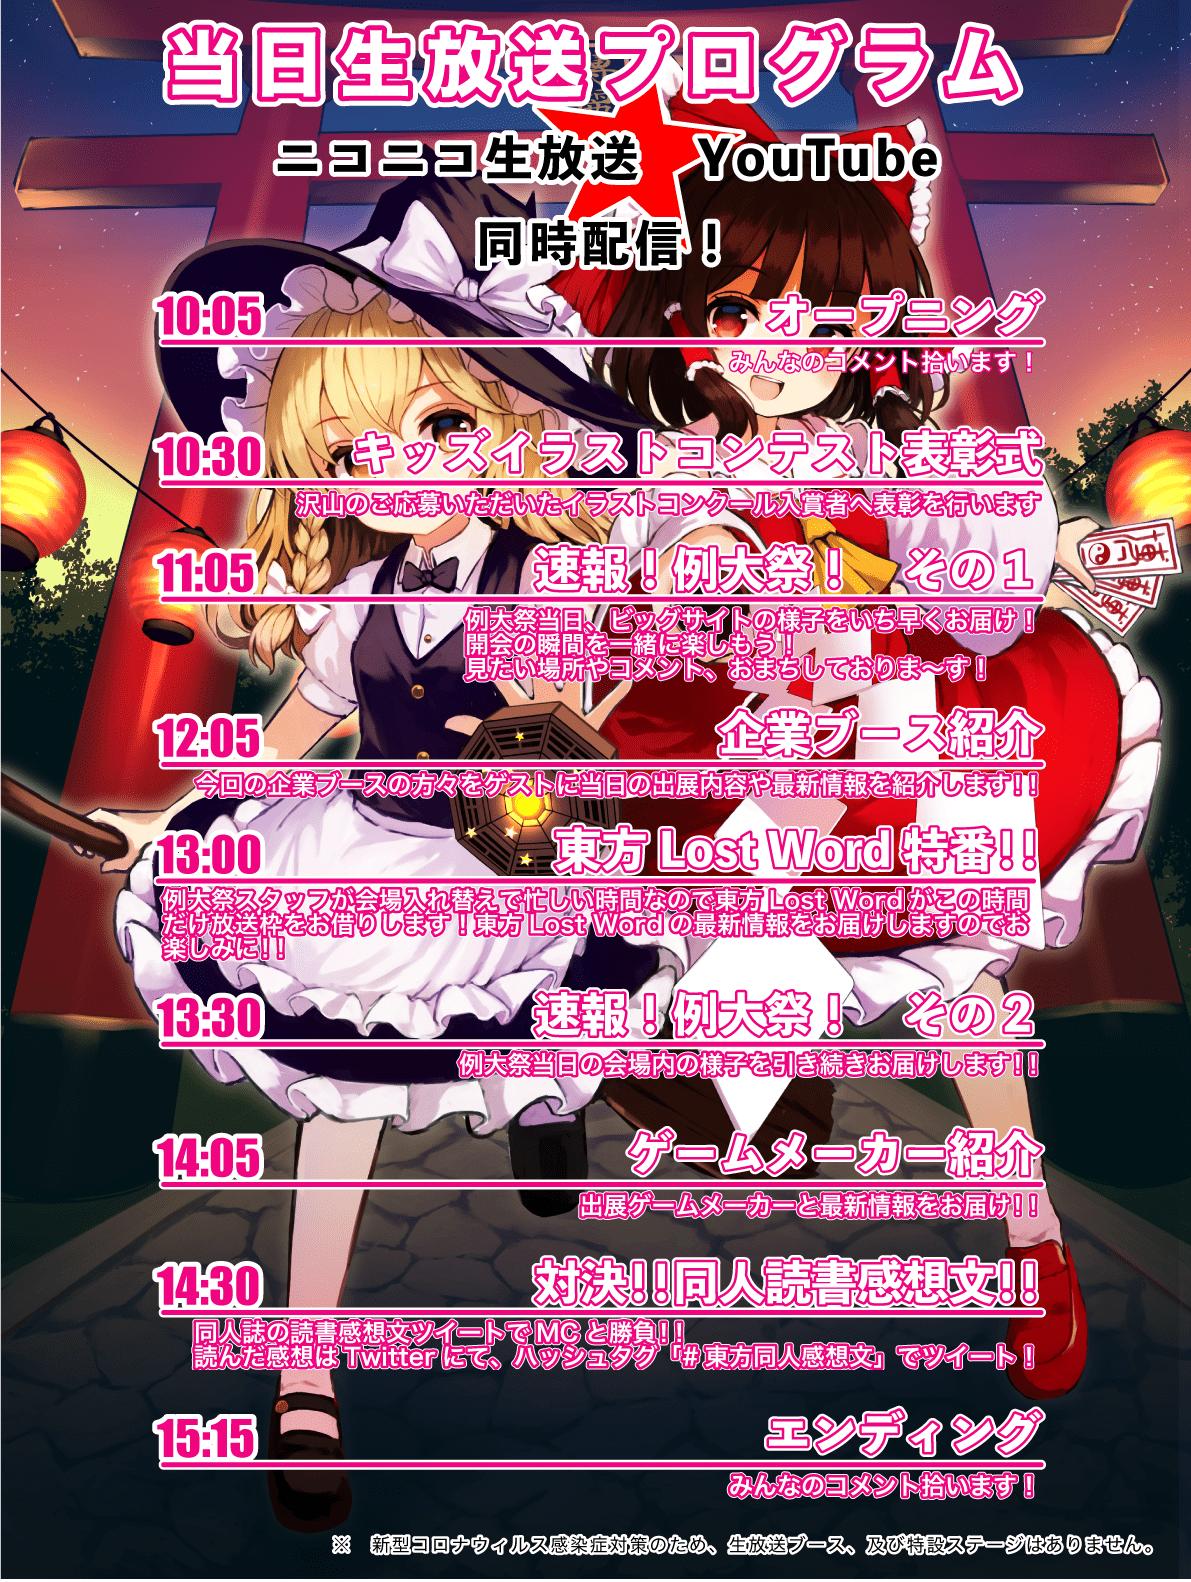 第七回博麗神社秋季例大祭